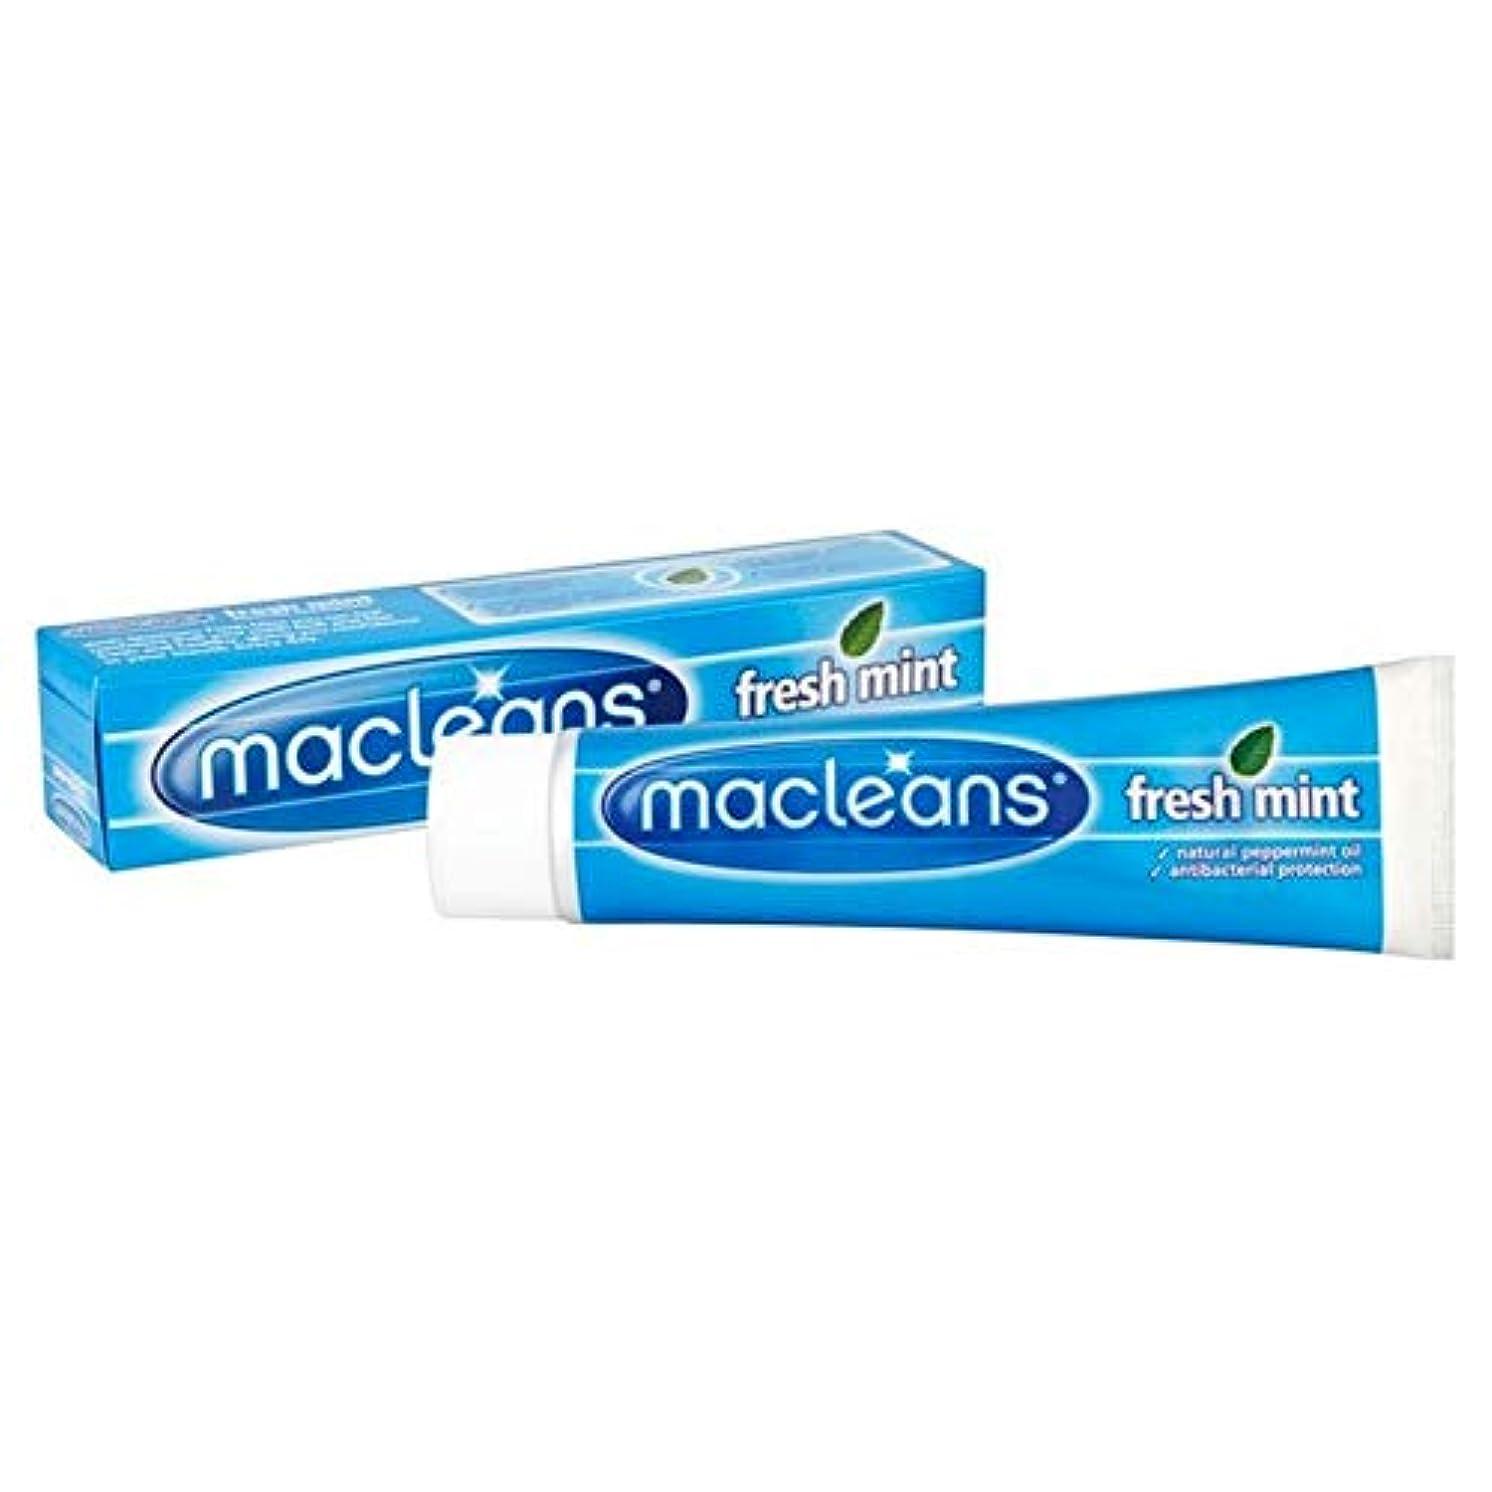 あえて自発私たちのもの[Macleans] Macleansフレッシュミントの歯磨き粉の100ミリリットル - Macleans Fresh Mint Toothpaste 100ml [並行輸入品]